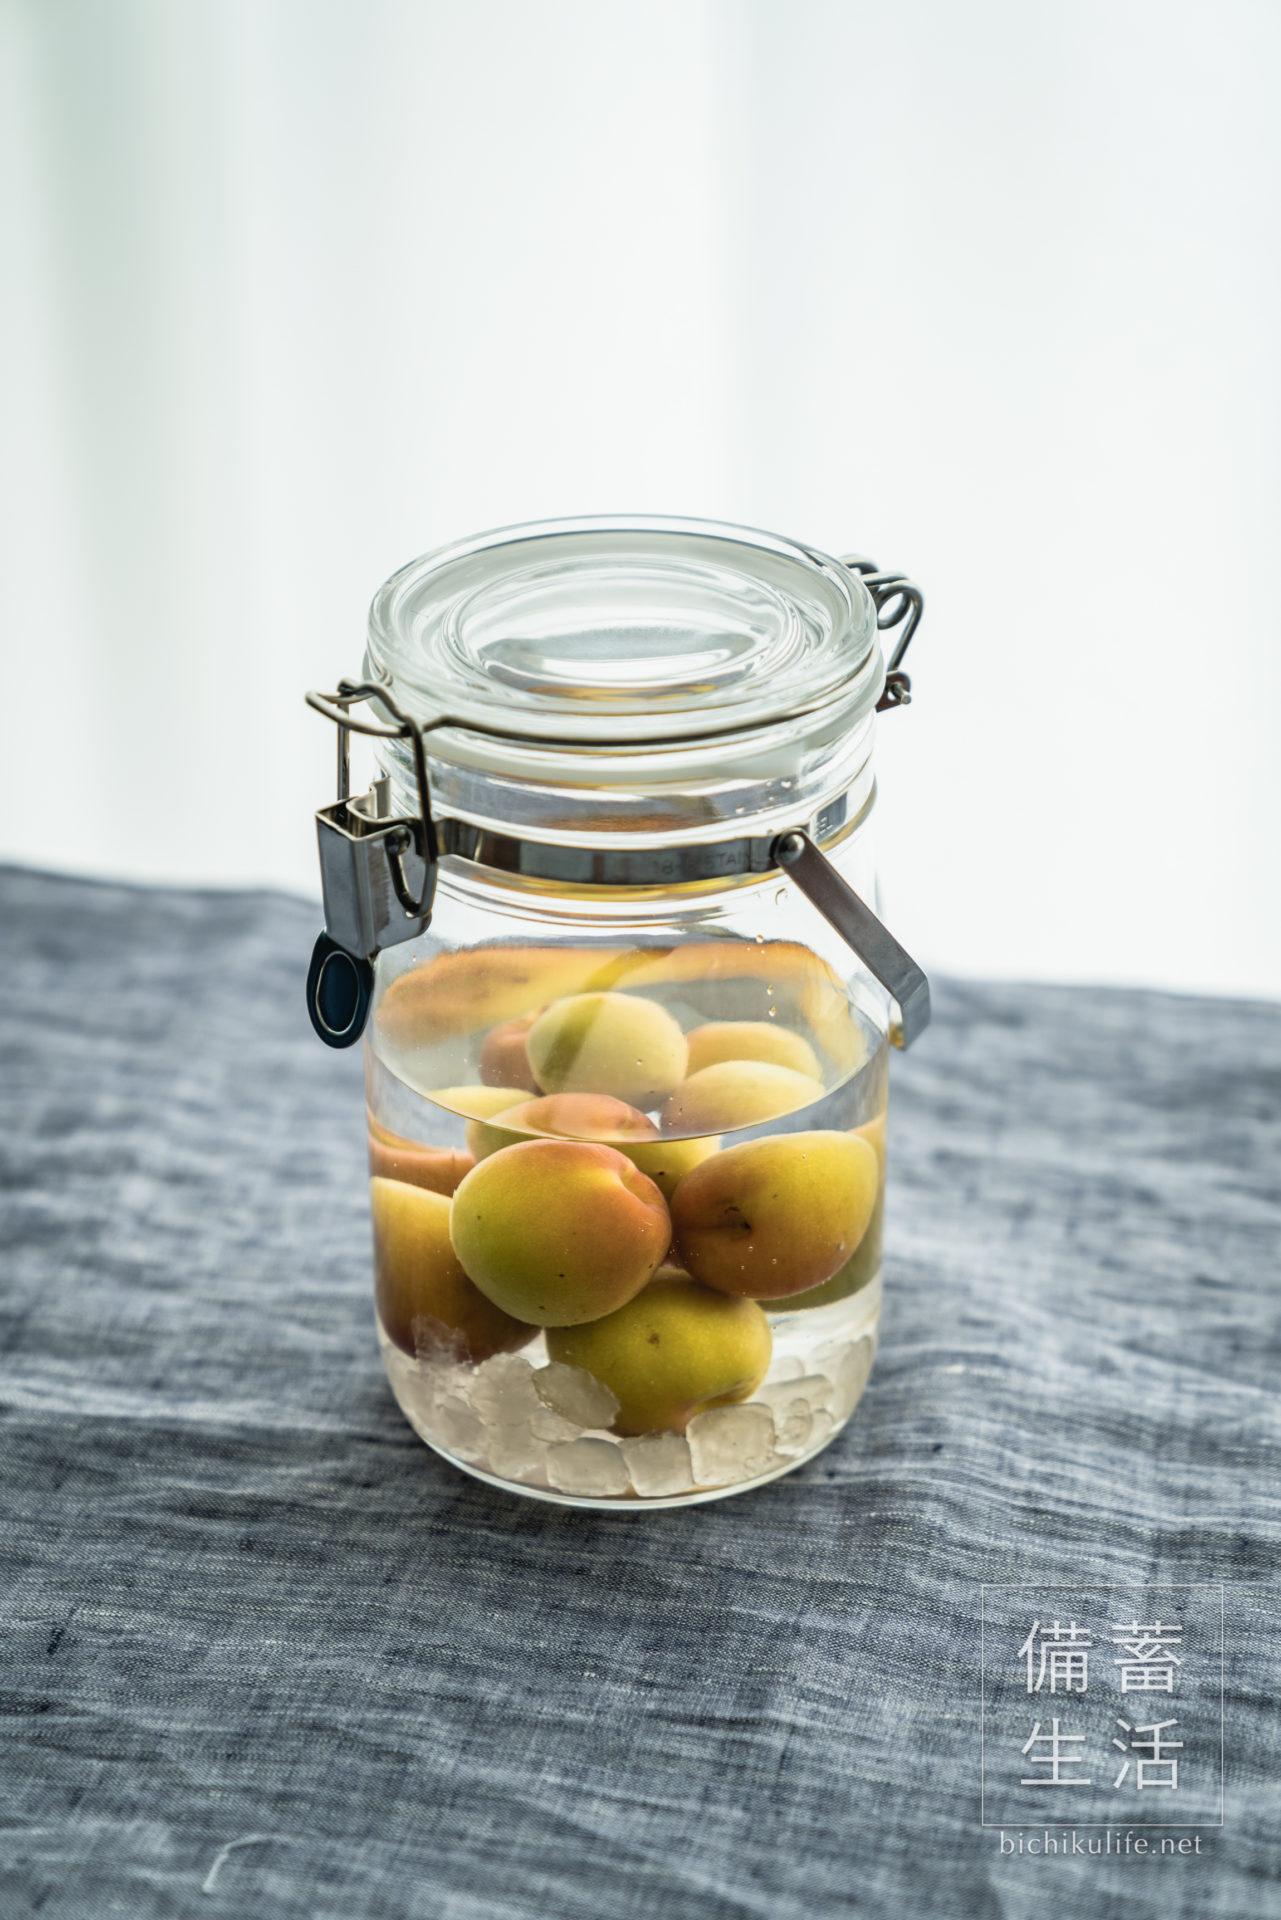 梅酒づくり 自家製梅酒を作るアイデア、完熟の南高梅で作る自家製梅酒